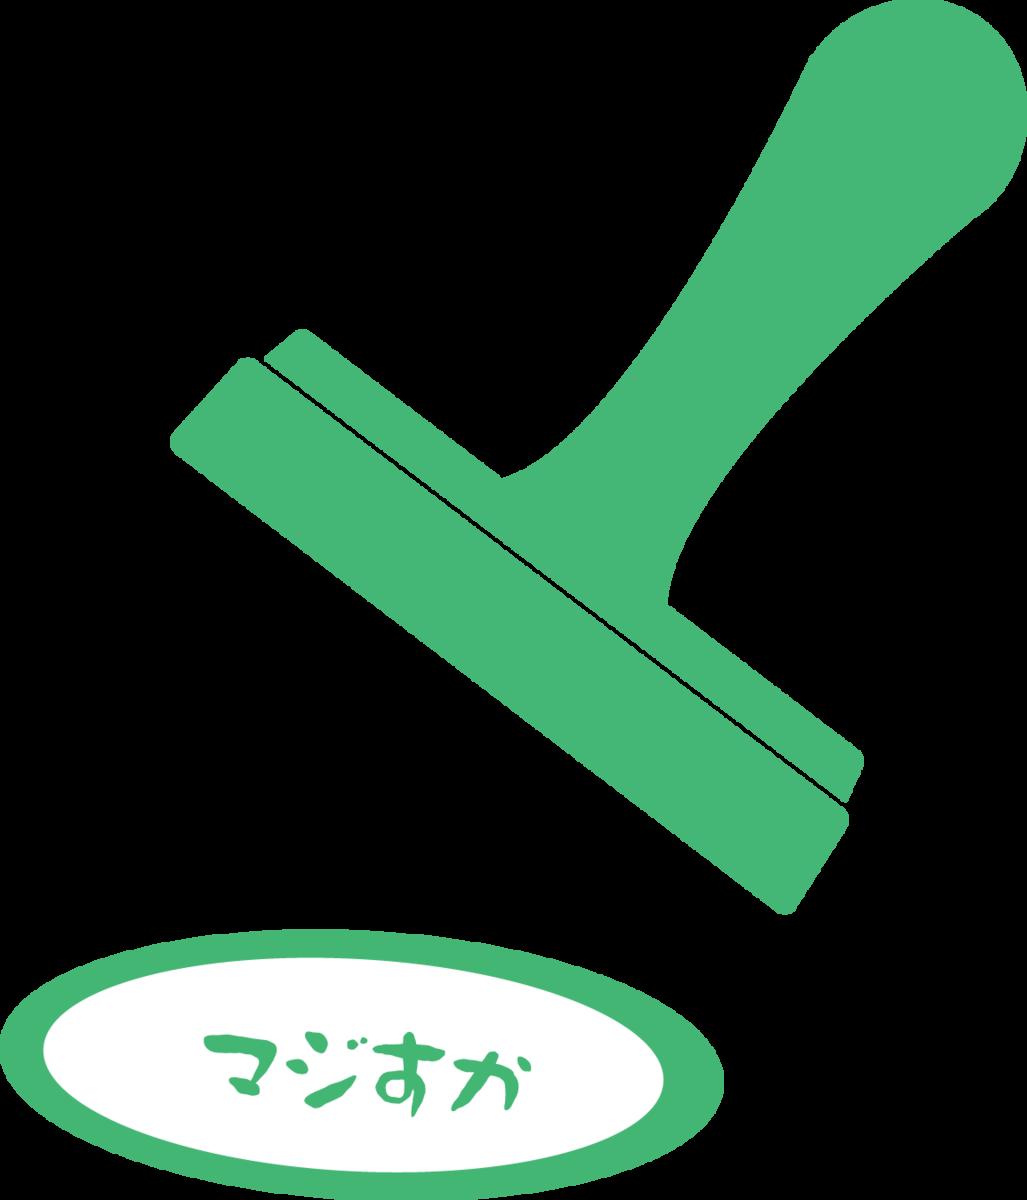 f:id:mojiru:20201026093459p:plain